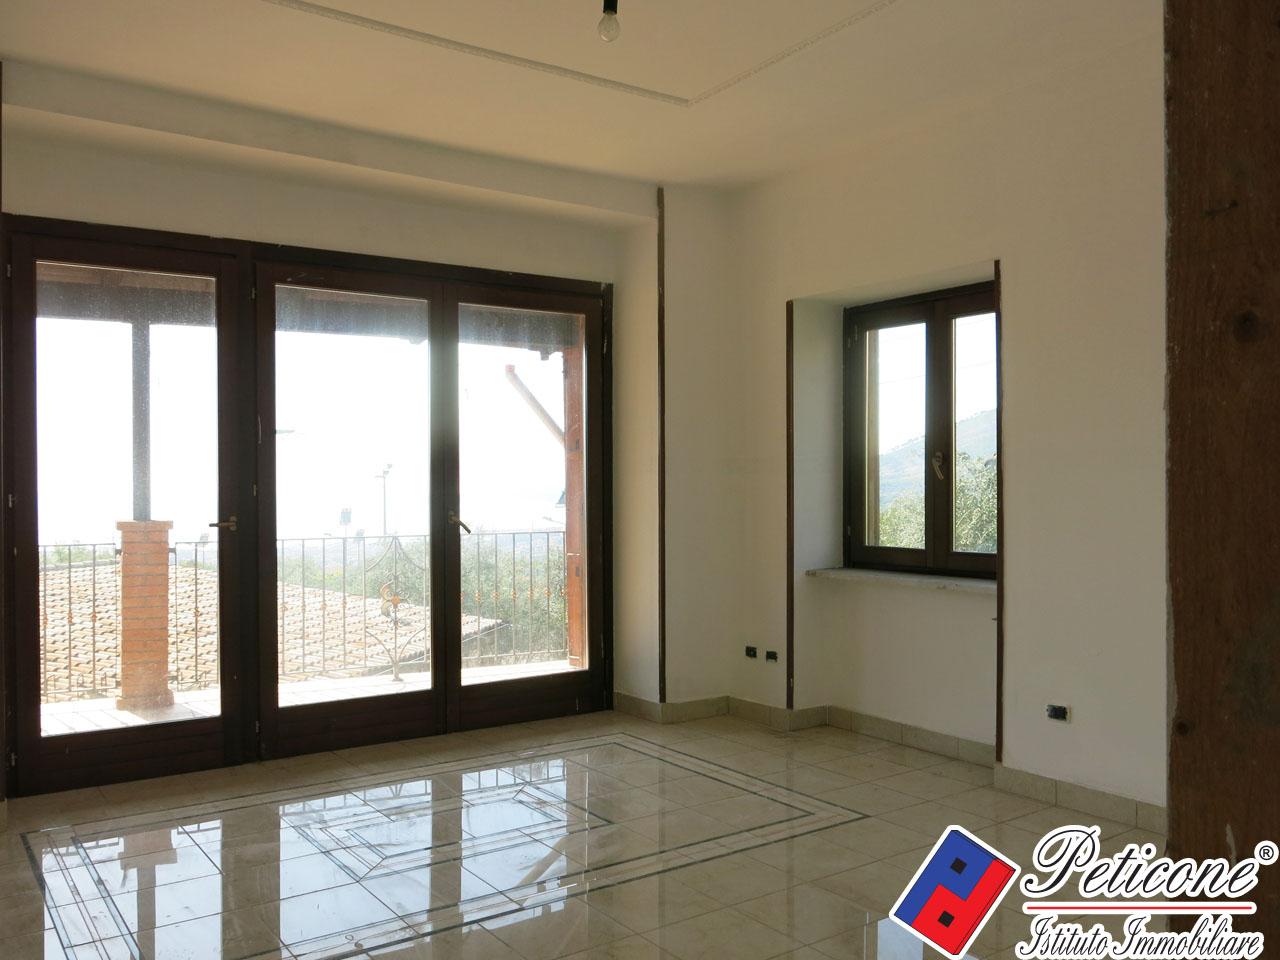 Villa in Vendita a Formia: 4 locali, 90 mq - Foto 11